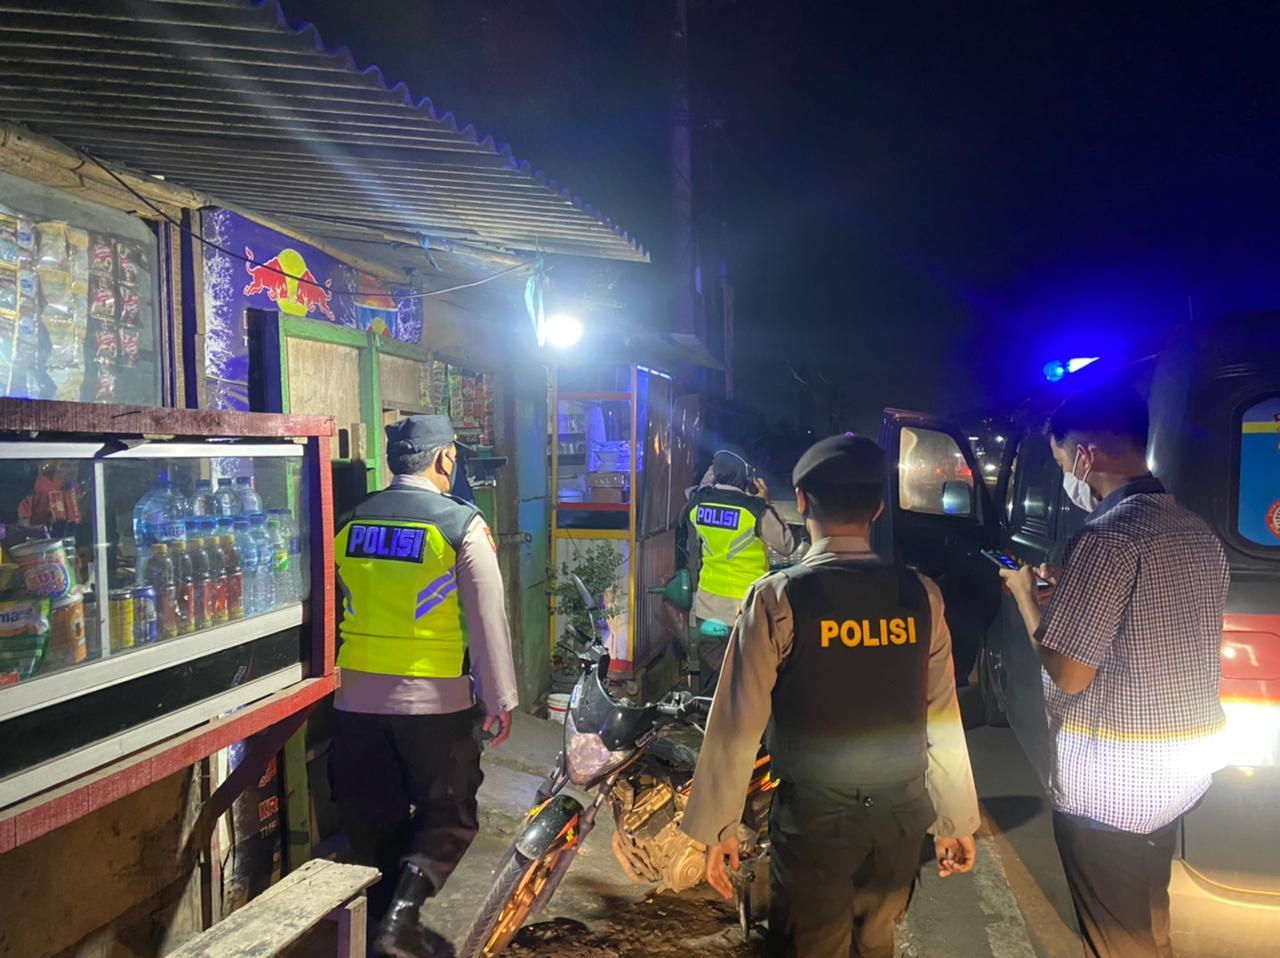 Gambar Polres Serang Amankan 12 Pria dan Wanita Saat Sedang Pesta Miras 13